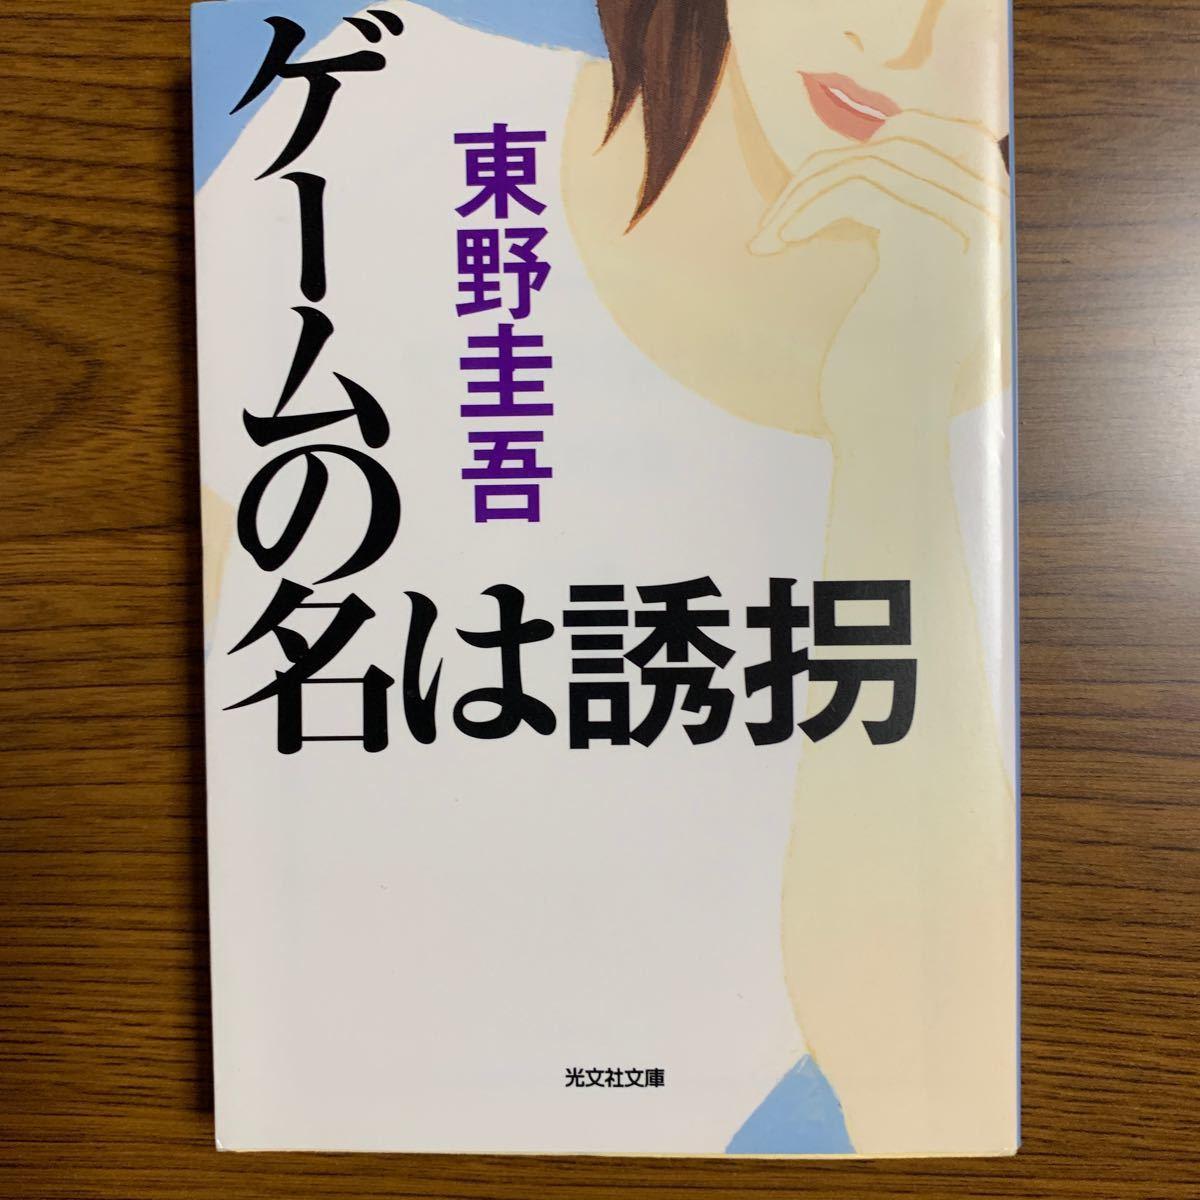 ゲームの名は誘拐 (文庫本) 東野圭吾 光文社文庫